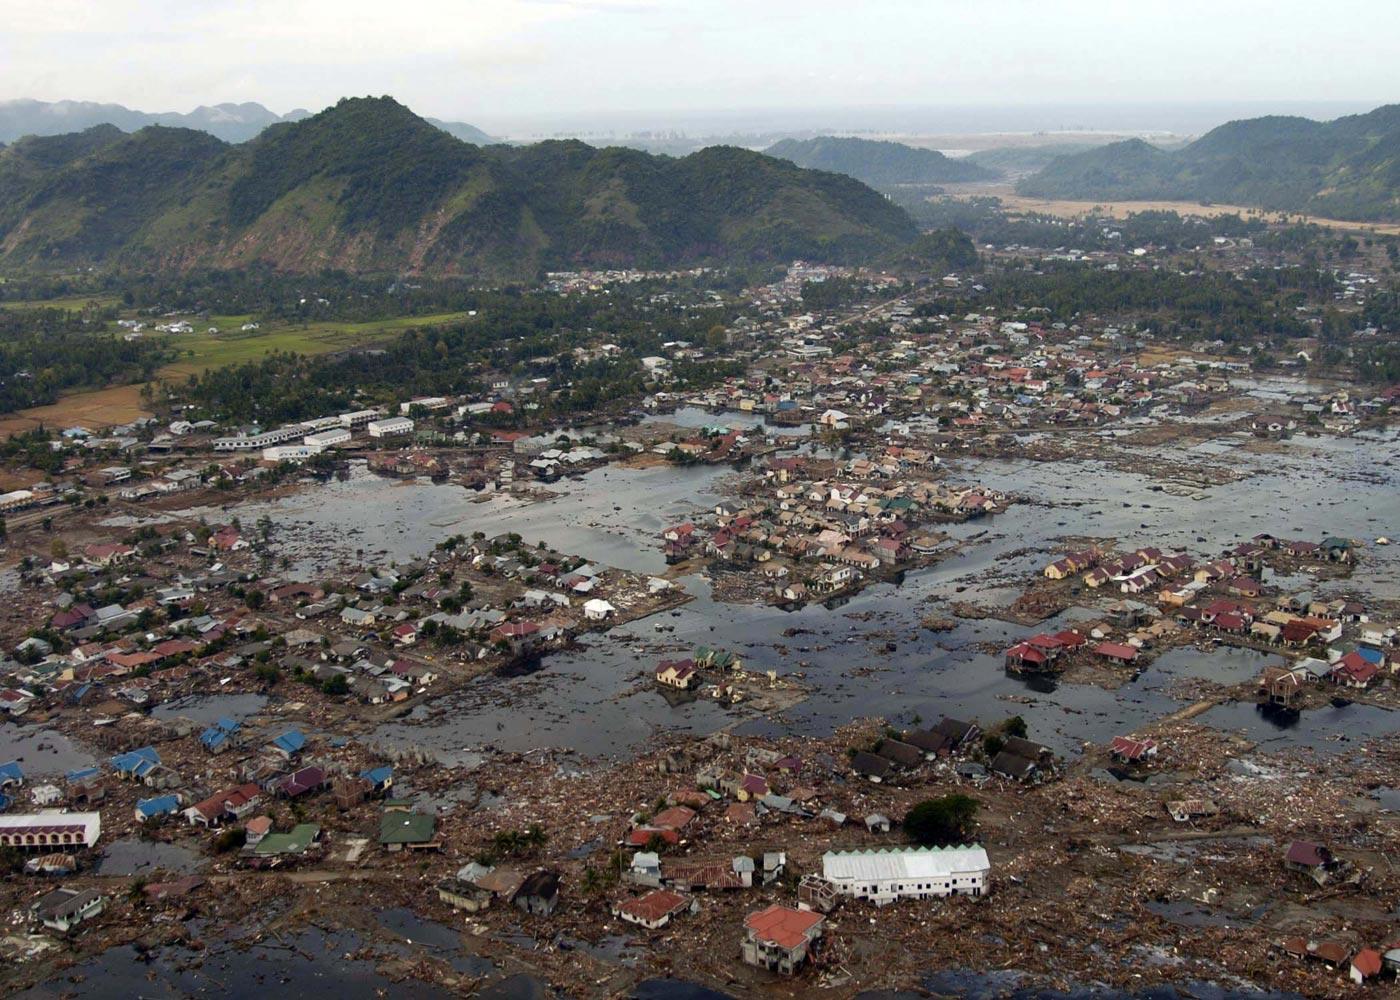 http://2.bp.blogspot.com/_kTcCt0YIMkU/TRHtQ_Kz_9I/AAAAAAAAT8U/8D422KKnI_o/s1600/aceh-sumatra-tsunami%20%281%29.jpg